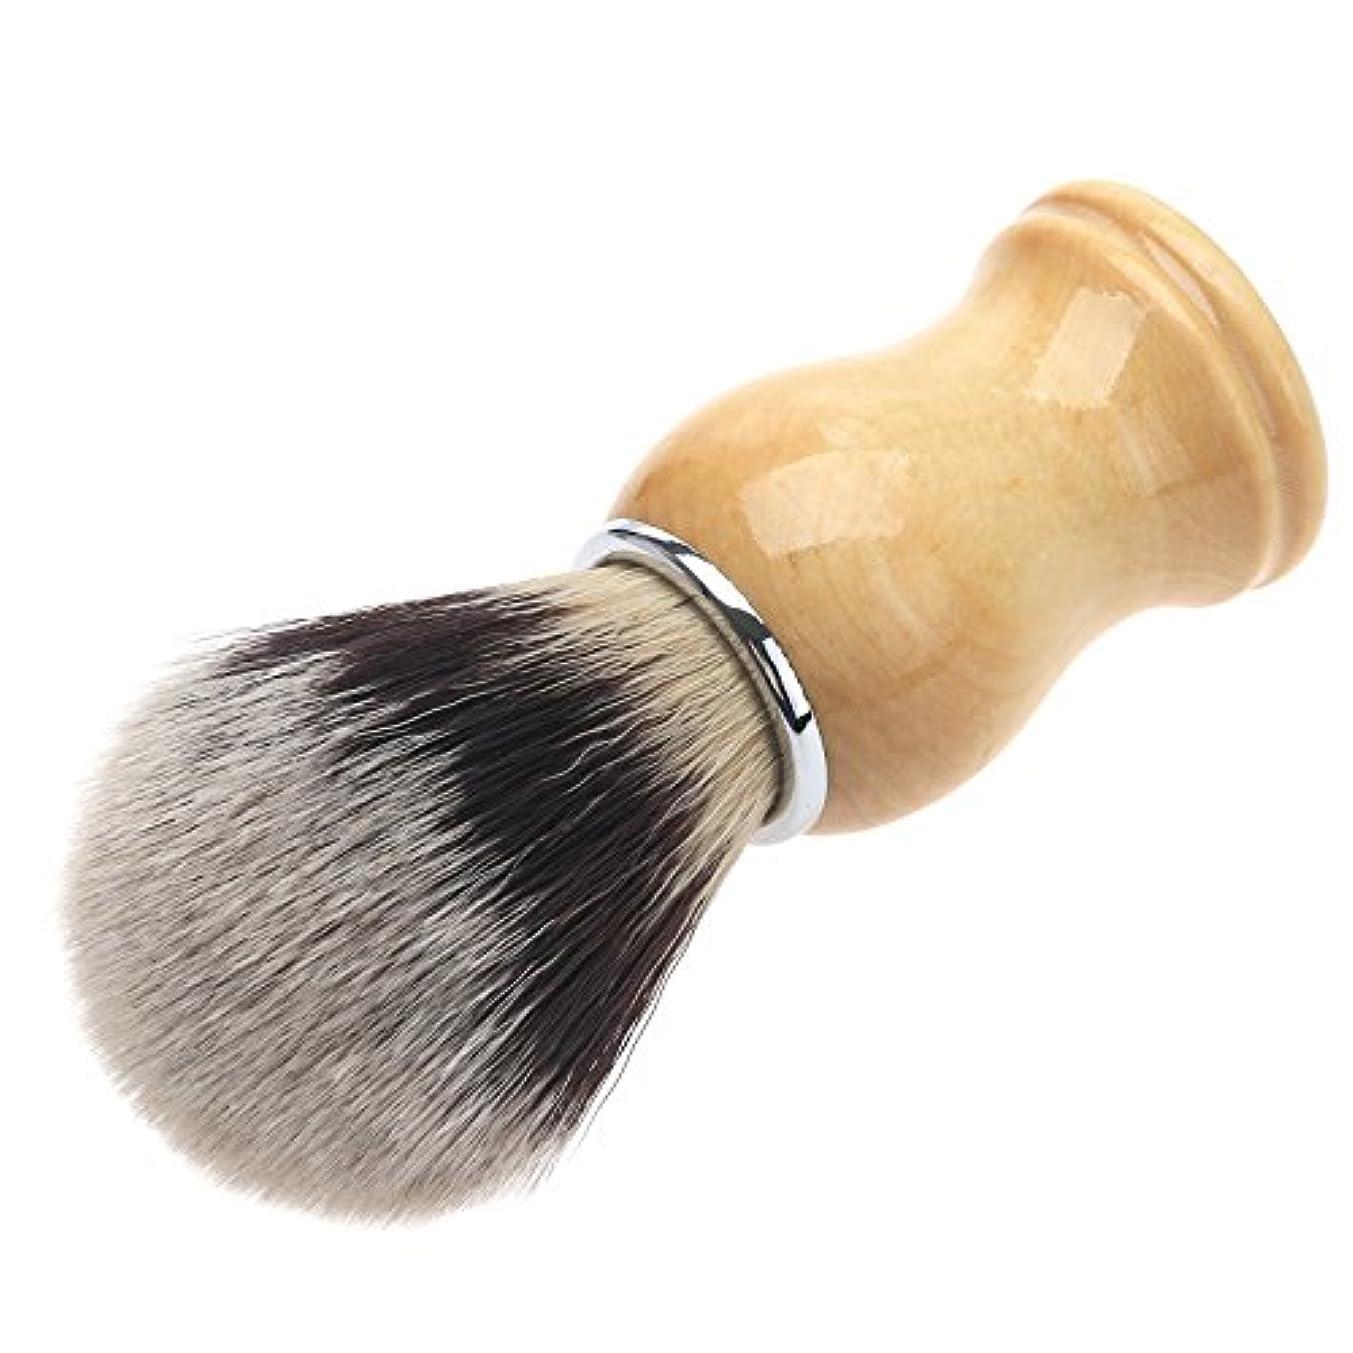 会議強い社説メンズ用 髭剃り ブラシ シェービングブラシ 木製ハンドル 男性 ギフト理容 洗顔 髭剃り